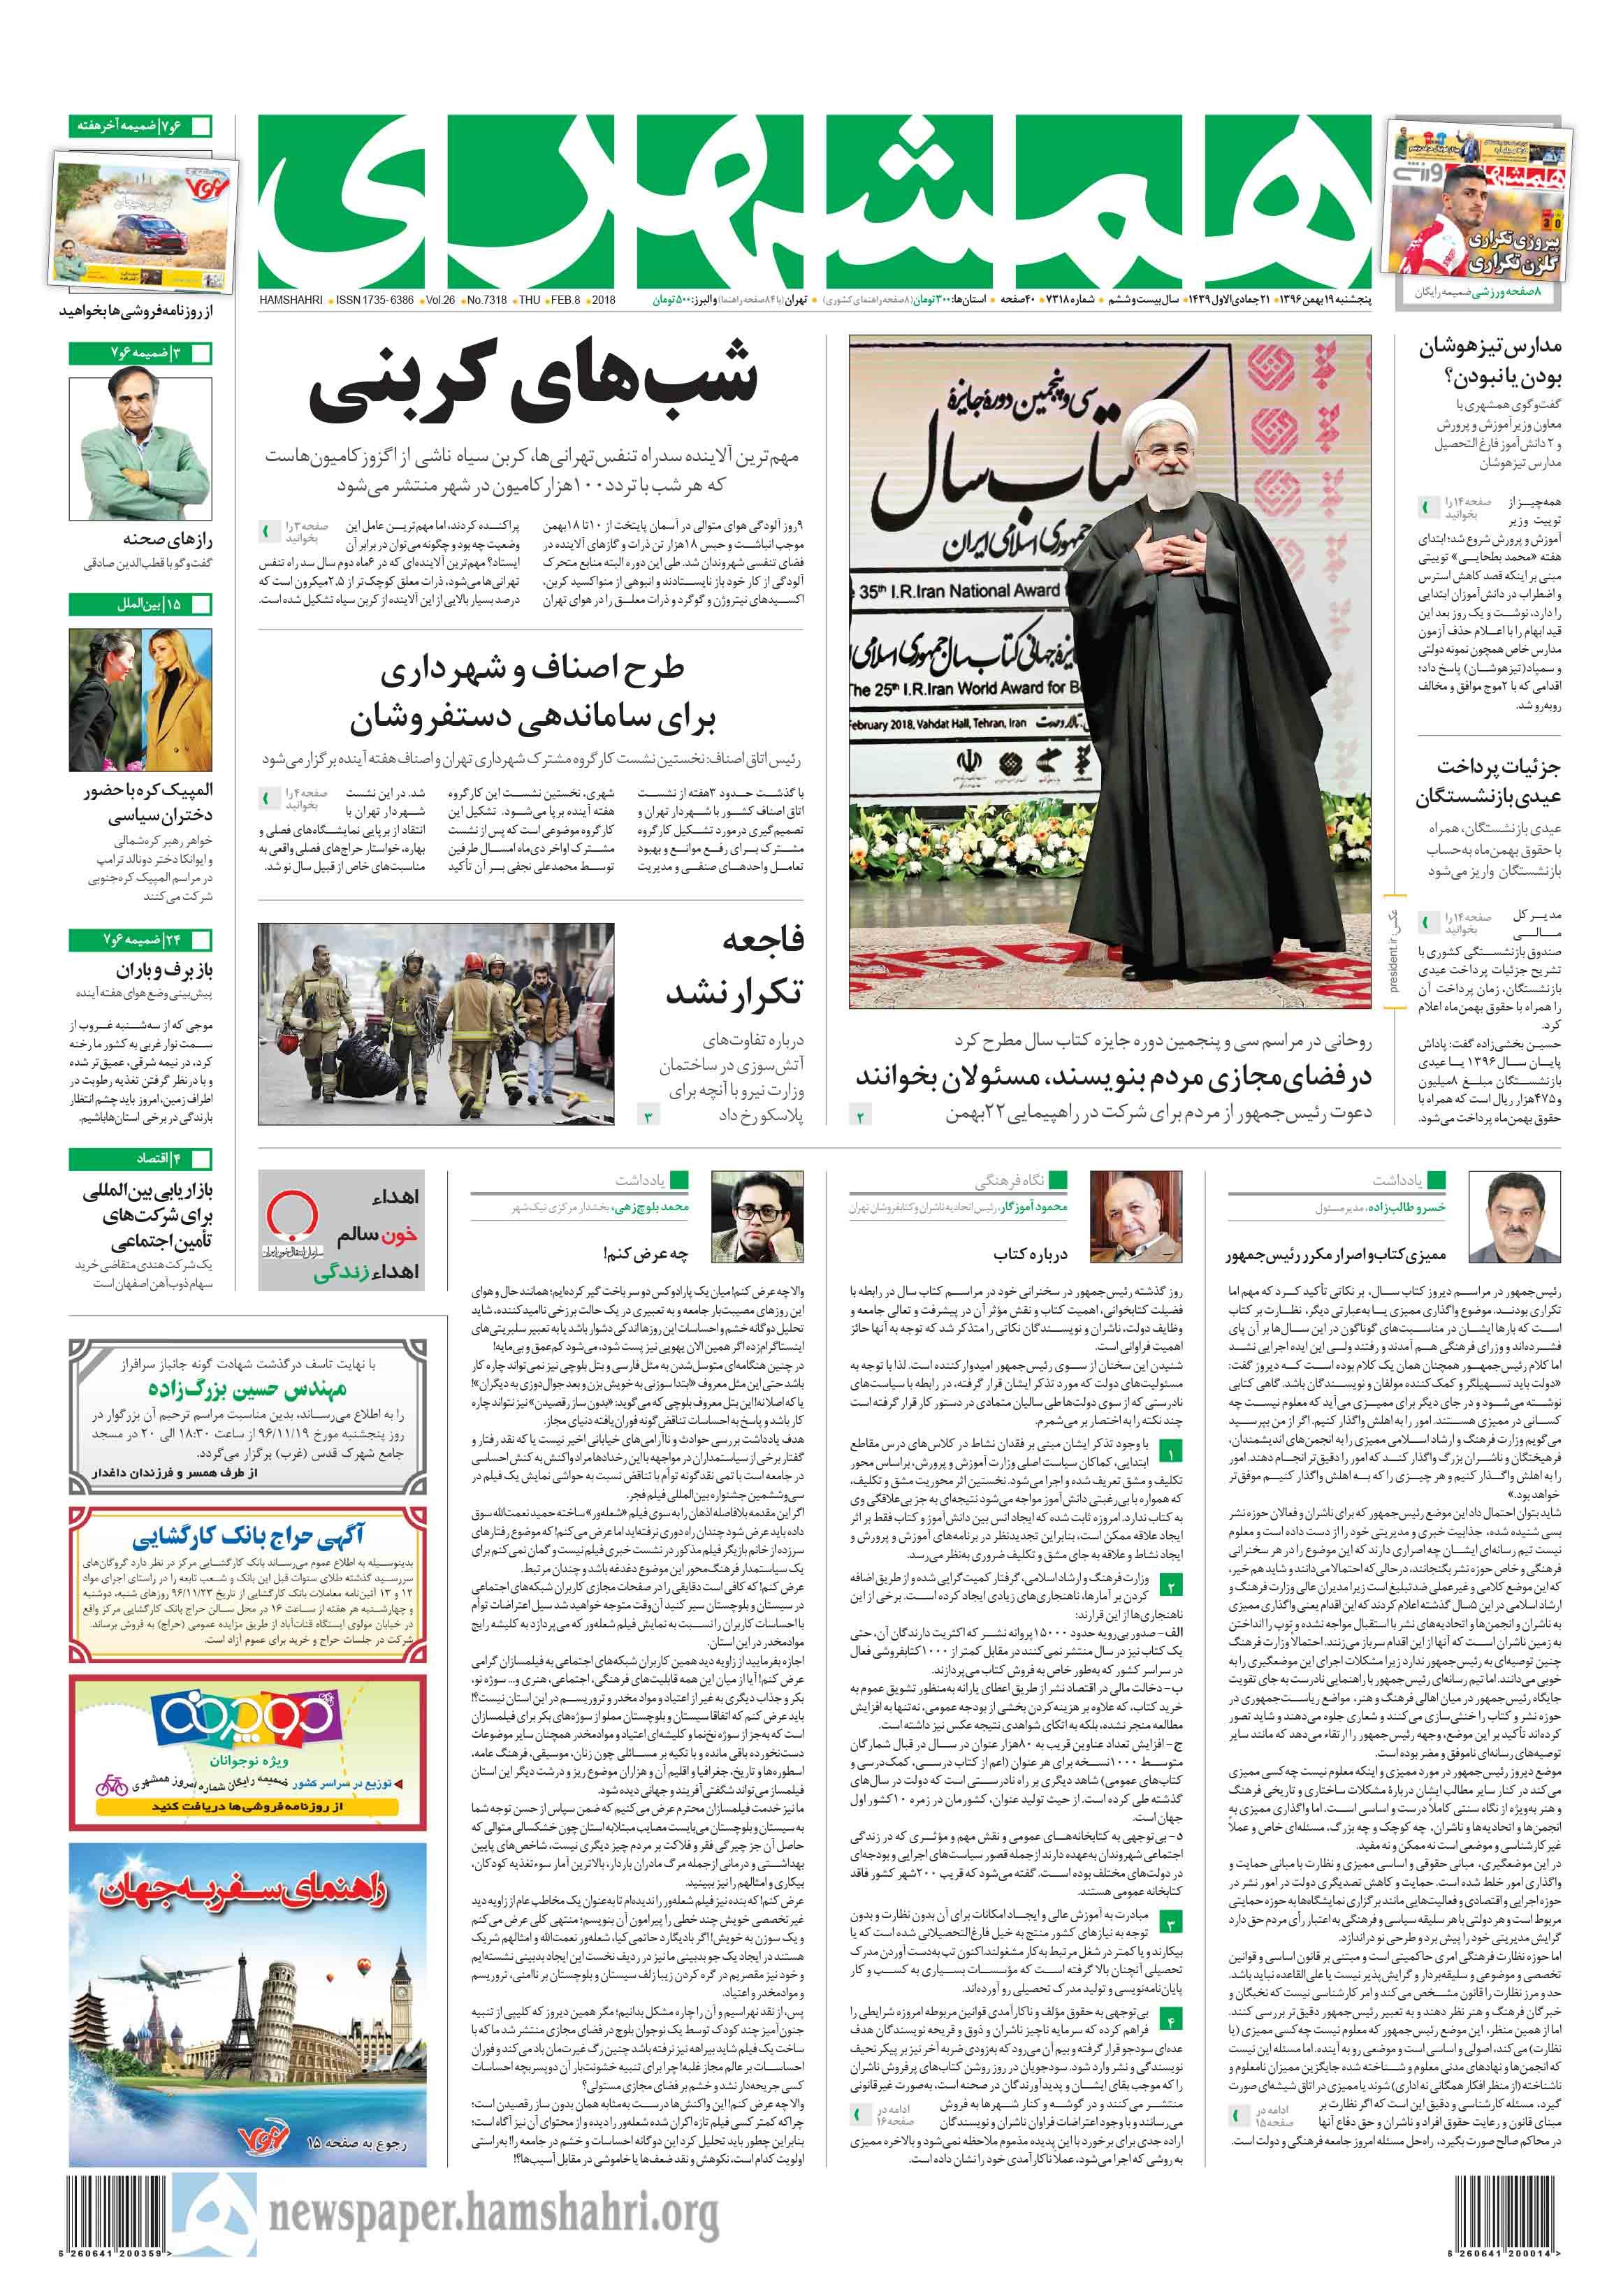 صفحه اول پنجشنبه 19 بهمنماه 1396